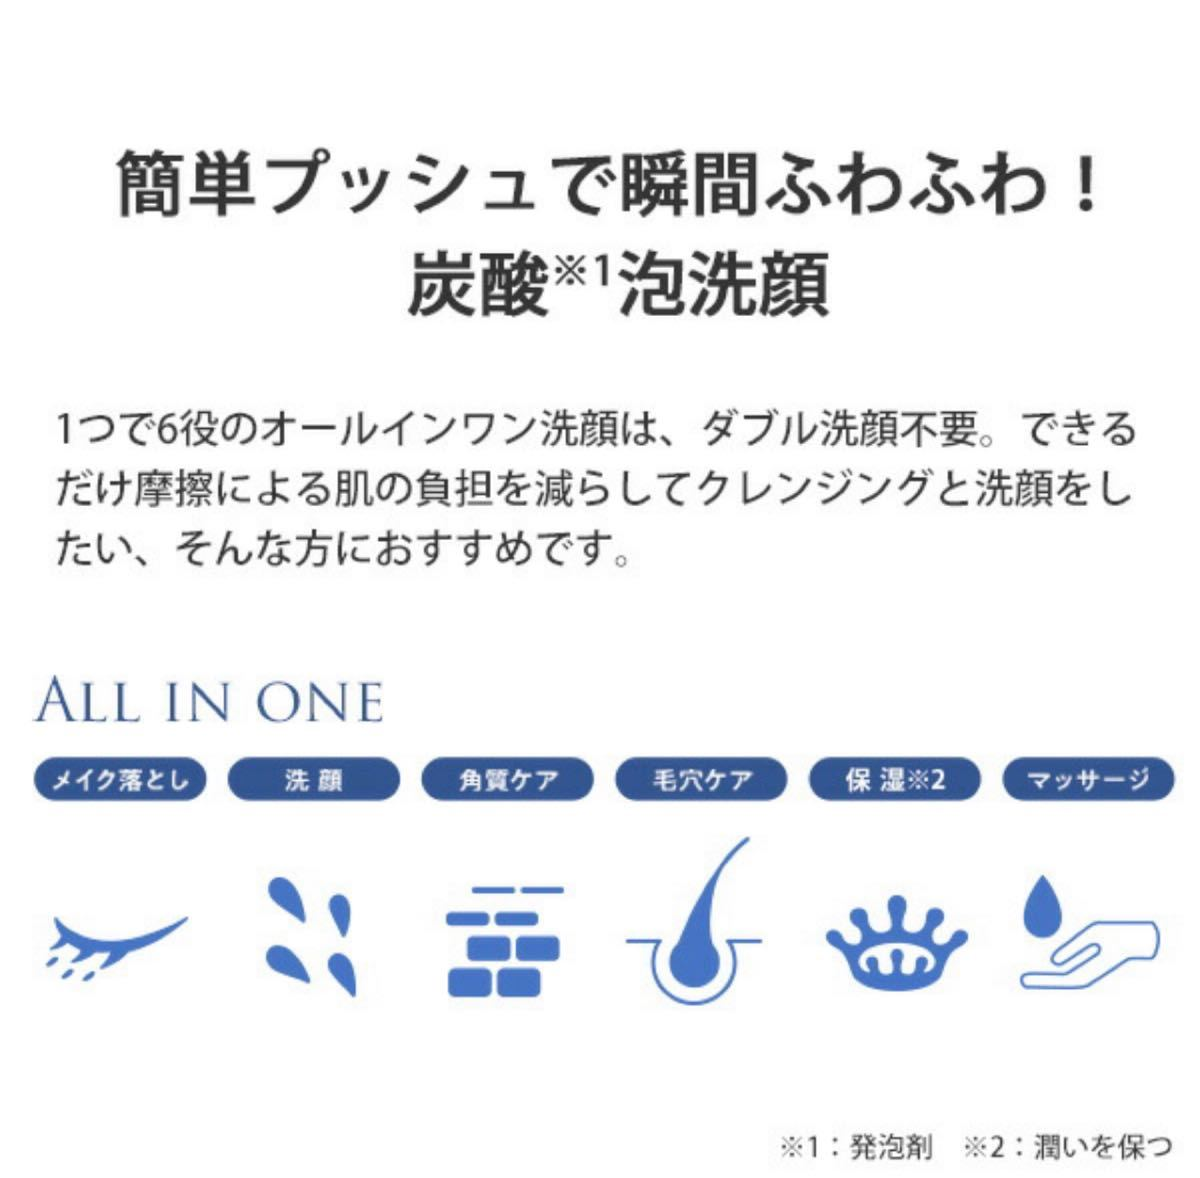 【新品】パーフェクトワン シルキーホイップ クレンジング 150g